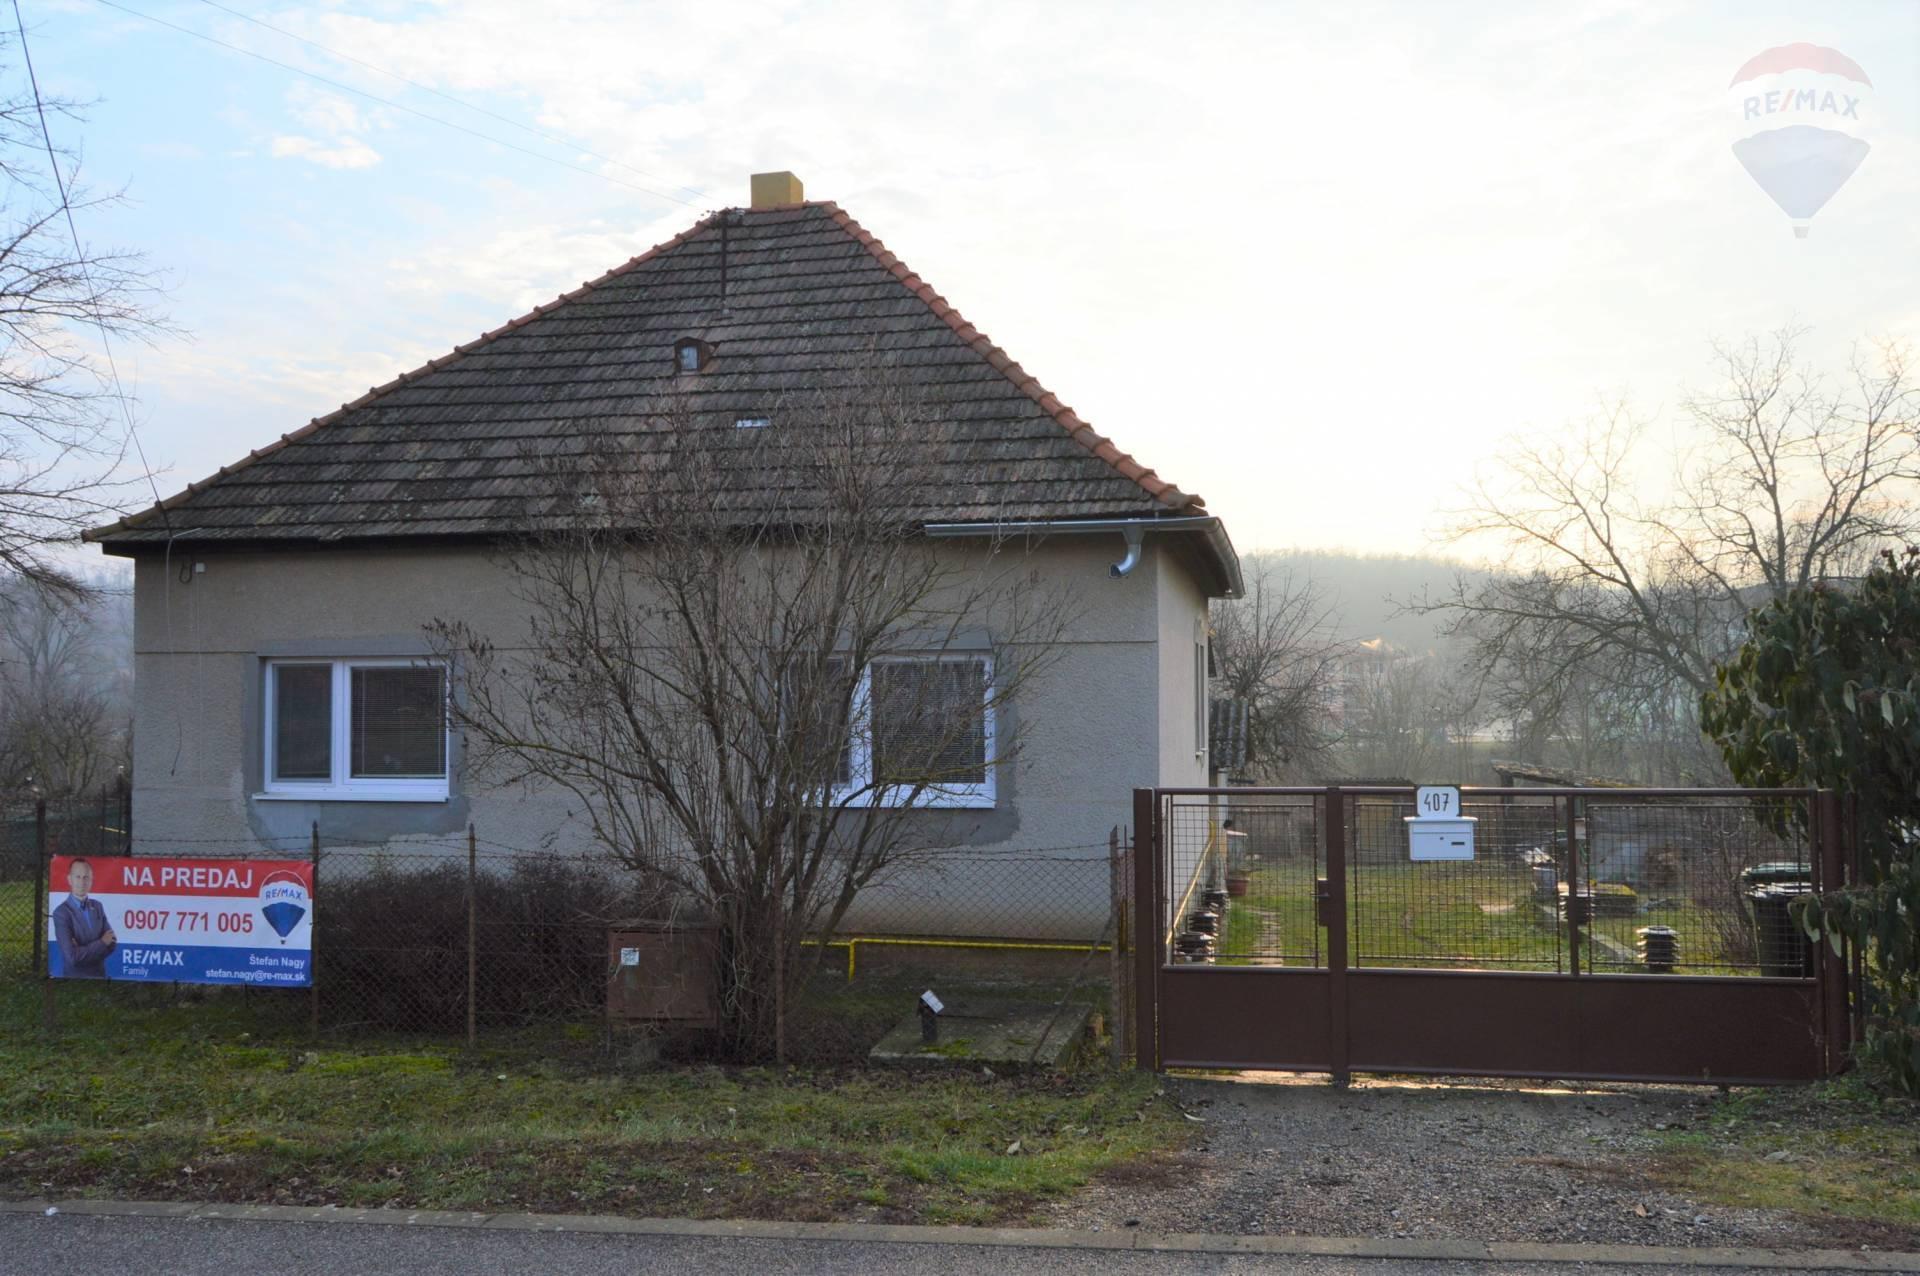 Predaj rodinný dom Dolné Obdokovce EXKLUZÍVNE